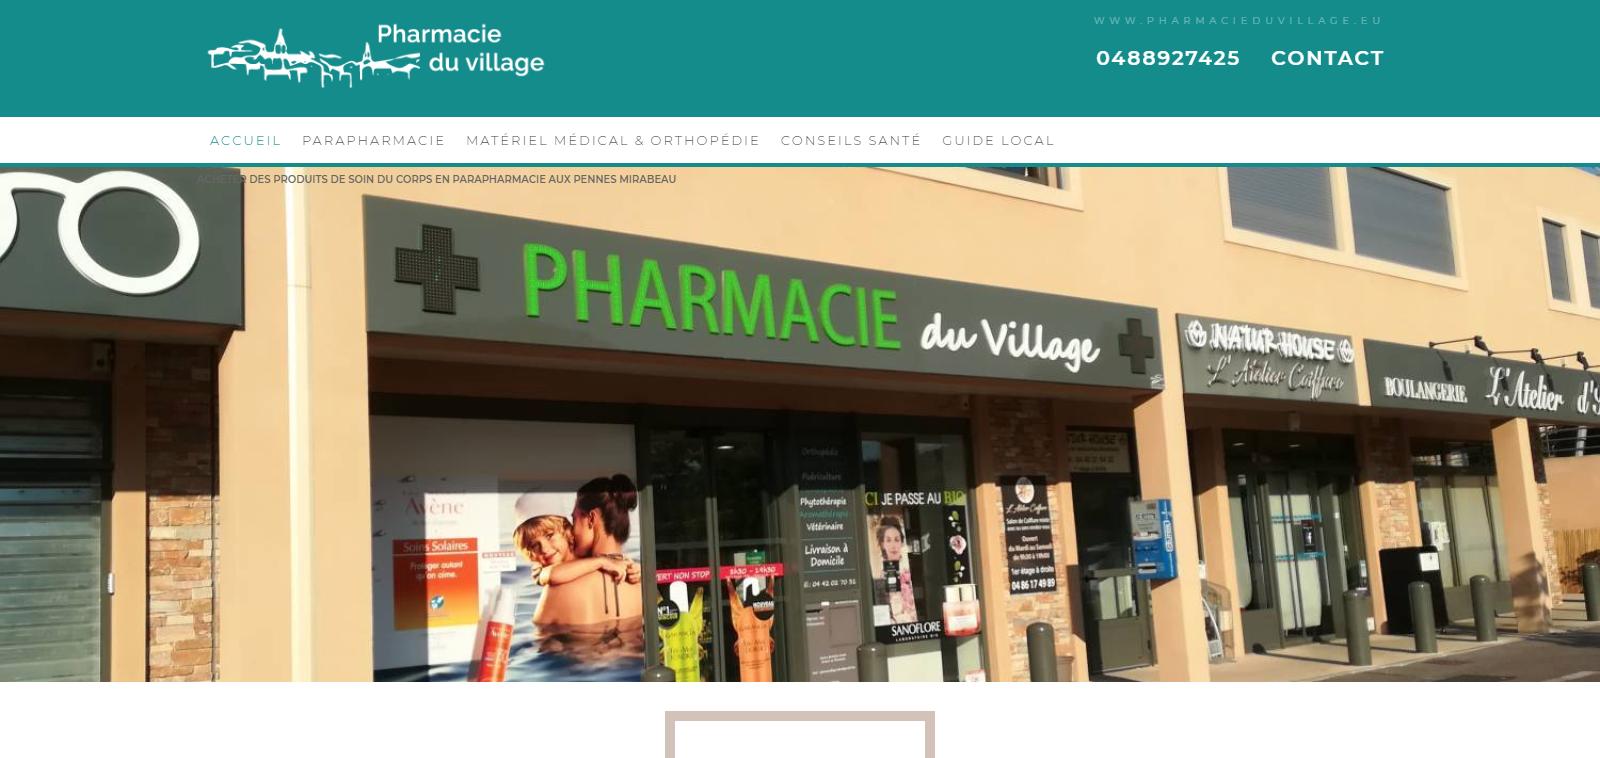 Création du site internet d une parapharmacie aux Pennes Mirabeau ... 2a877d2f0d74